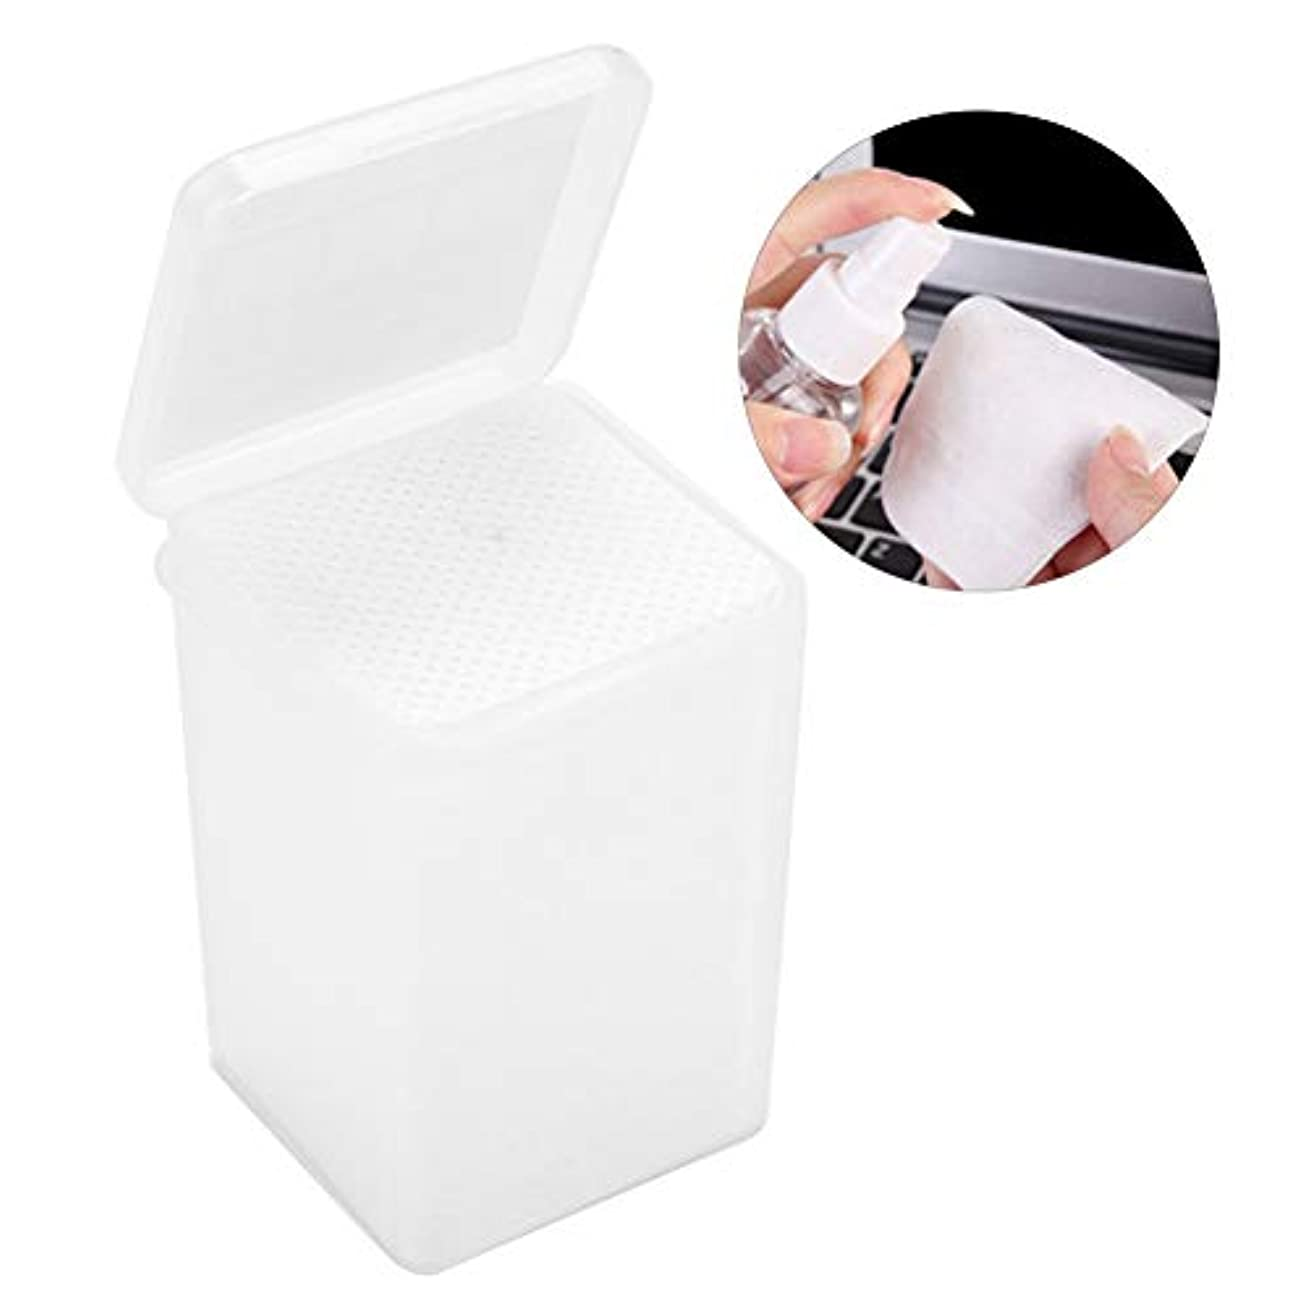 一杯従来の冷酷な拡大 接着剤のワイプ 不織布の接着剤のびん クリーニングのワイプの取り外しのための180個のまつげ延長パッド